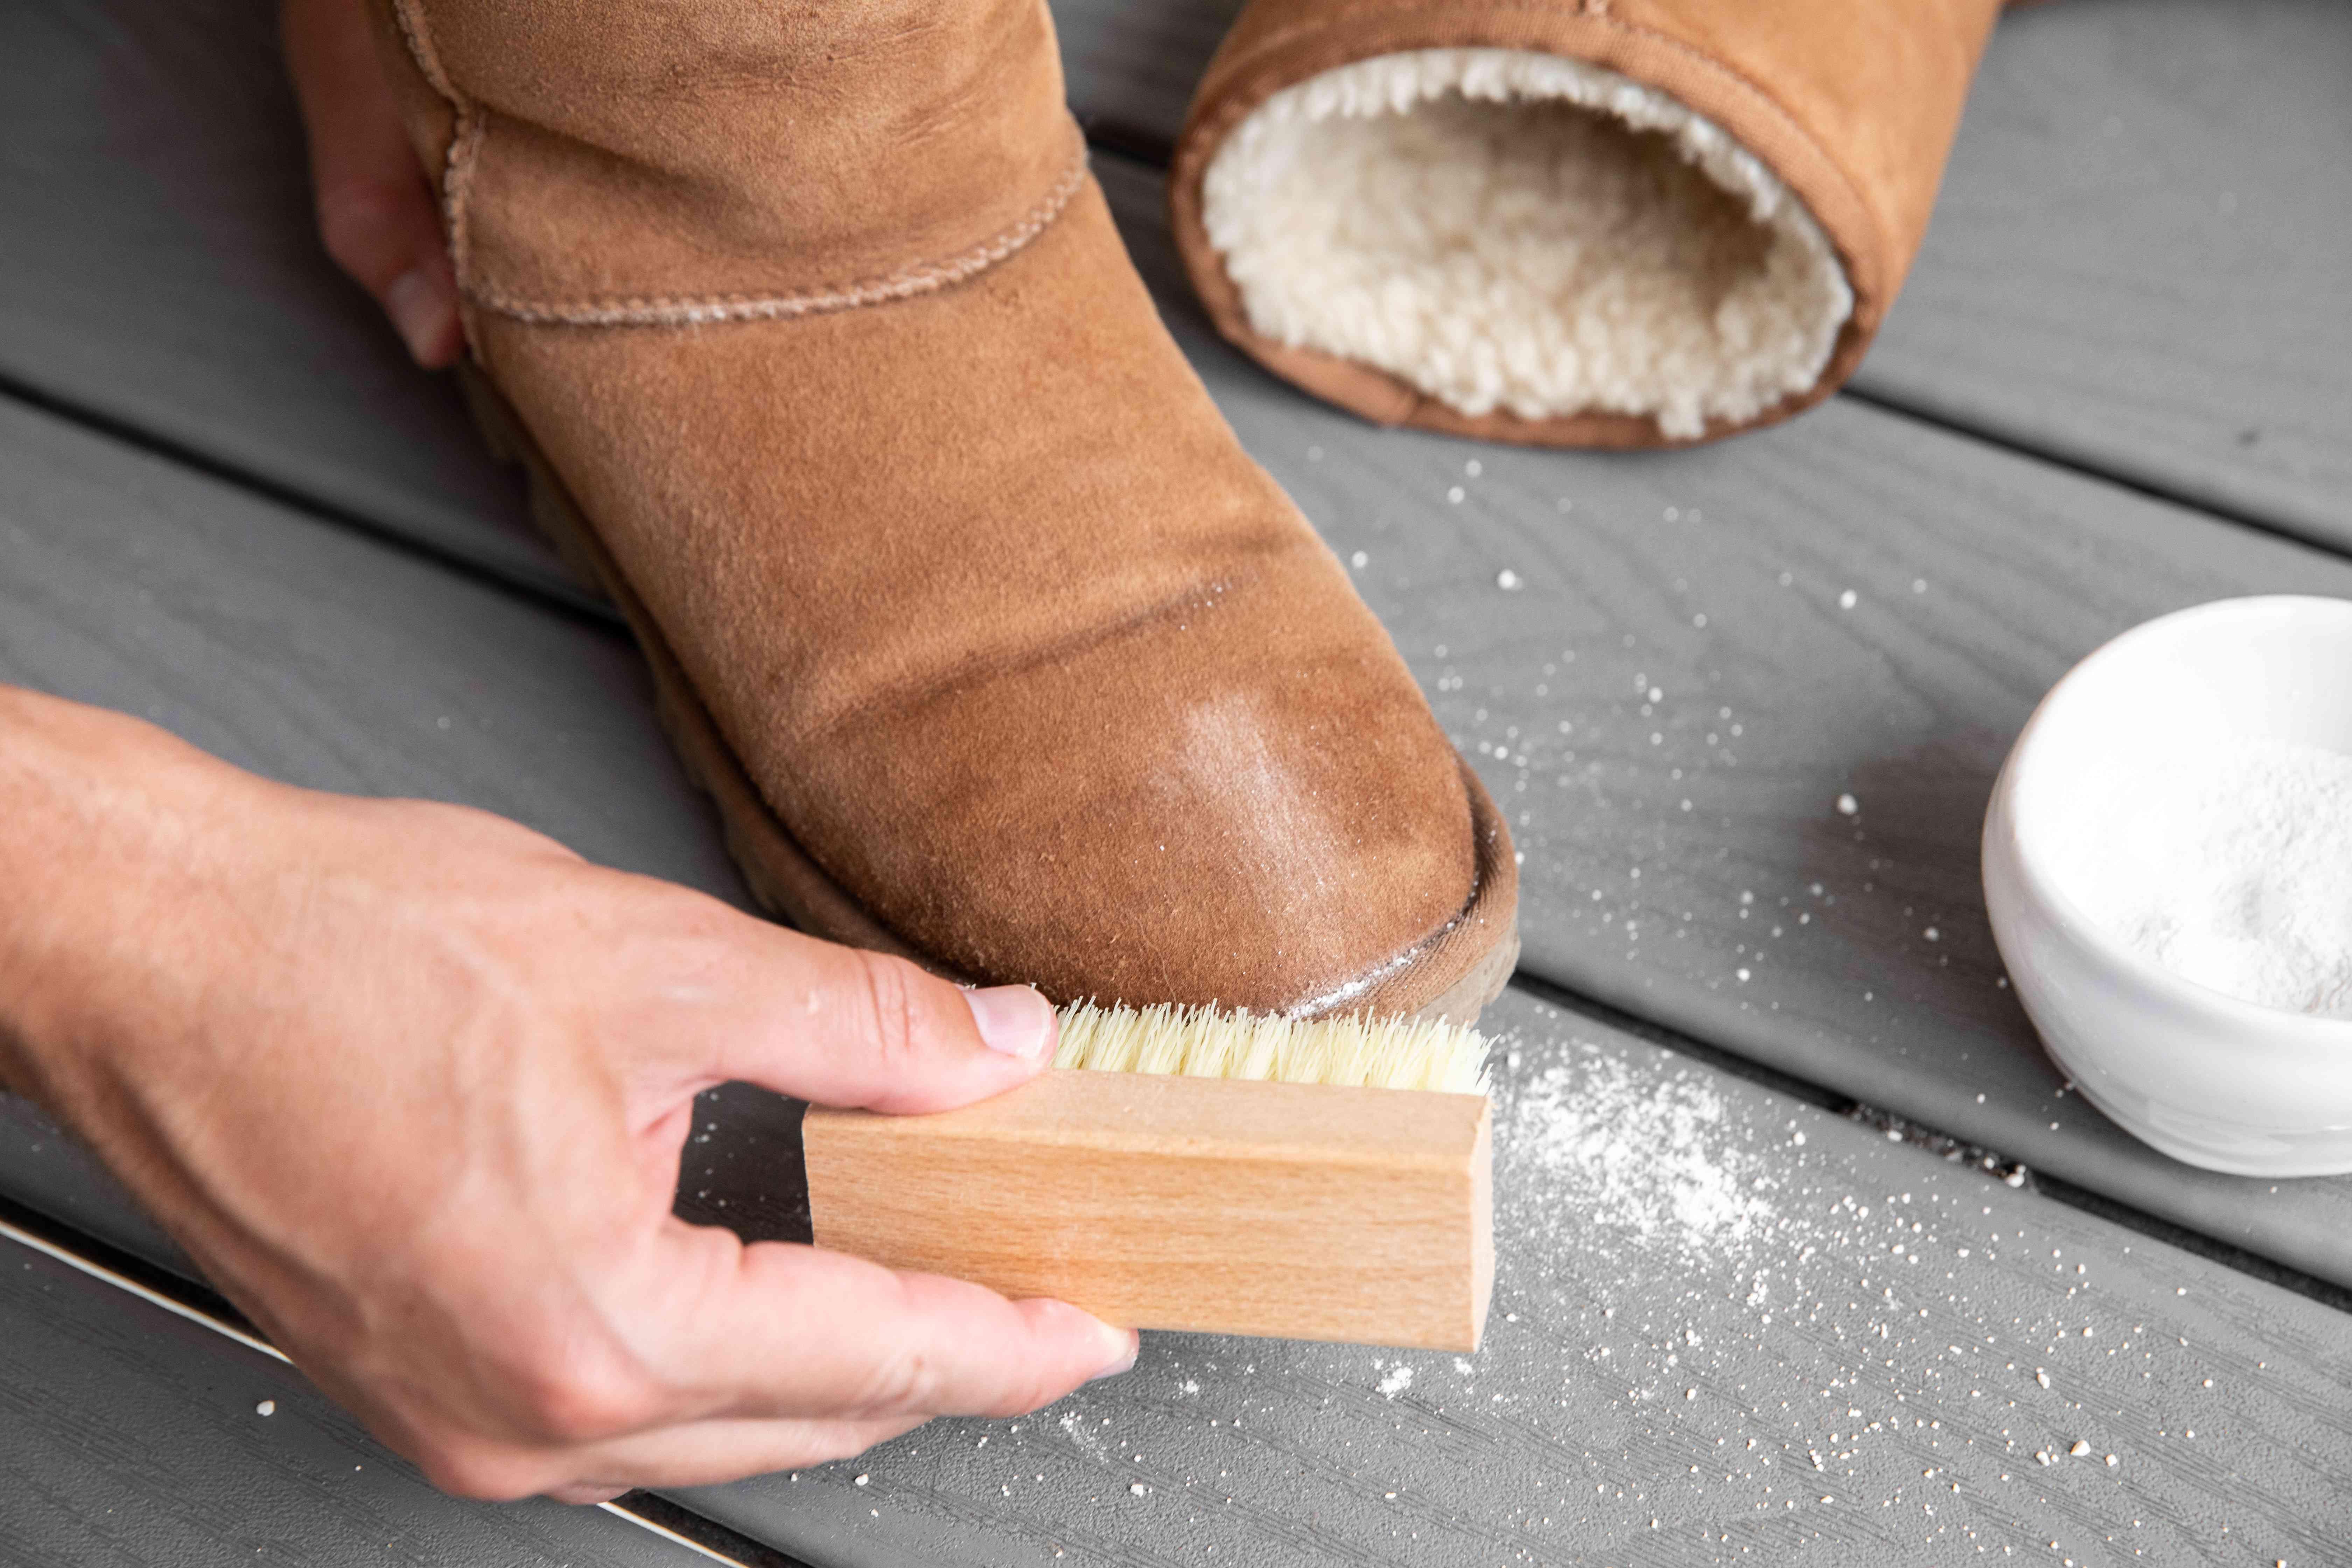 Someone brushing baby powder off an Ugg boot